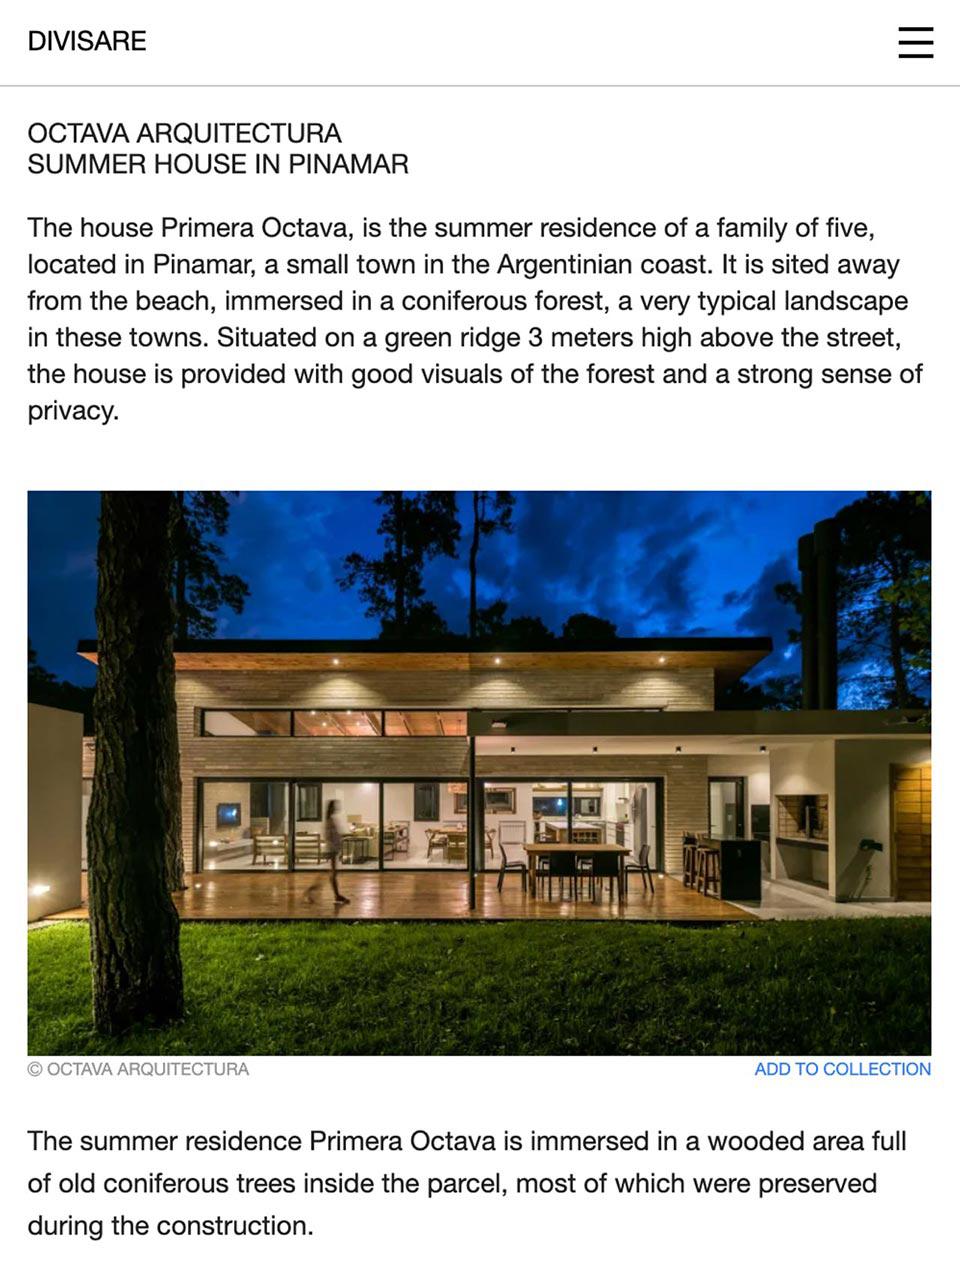 Artículo de Octava Arquitectura en Divisare